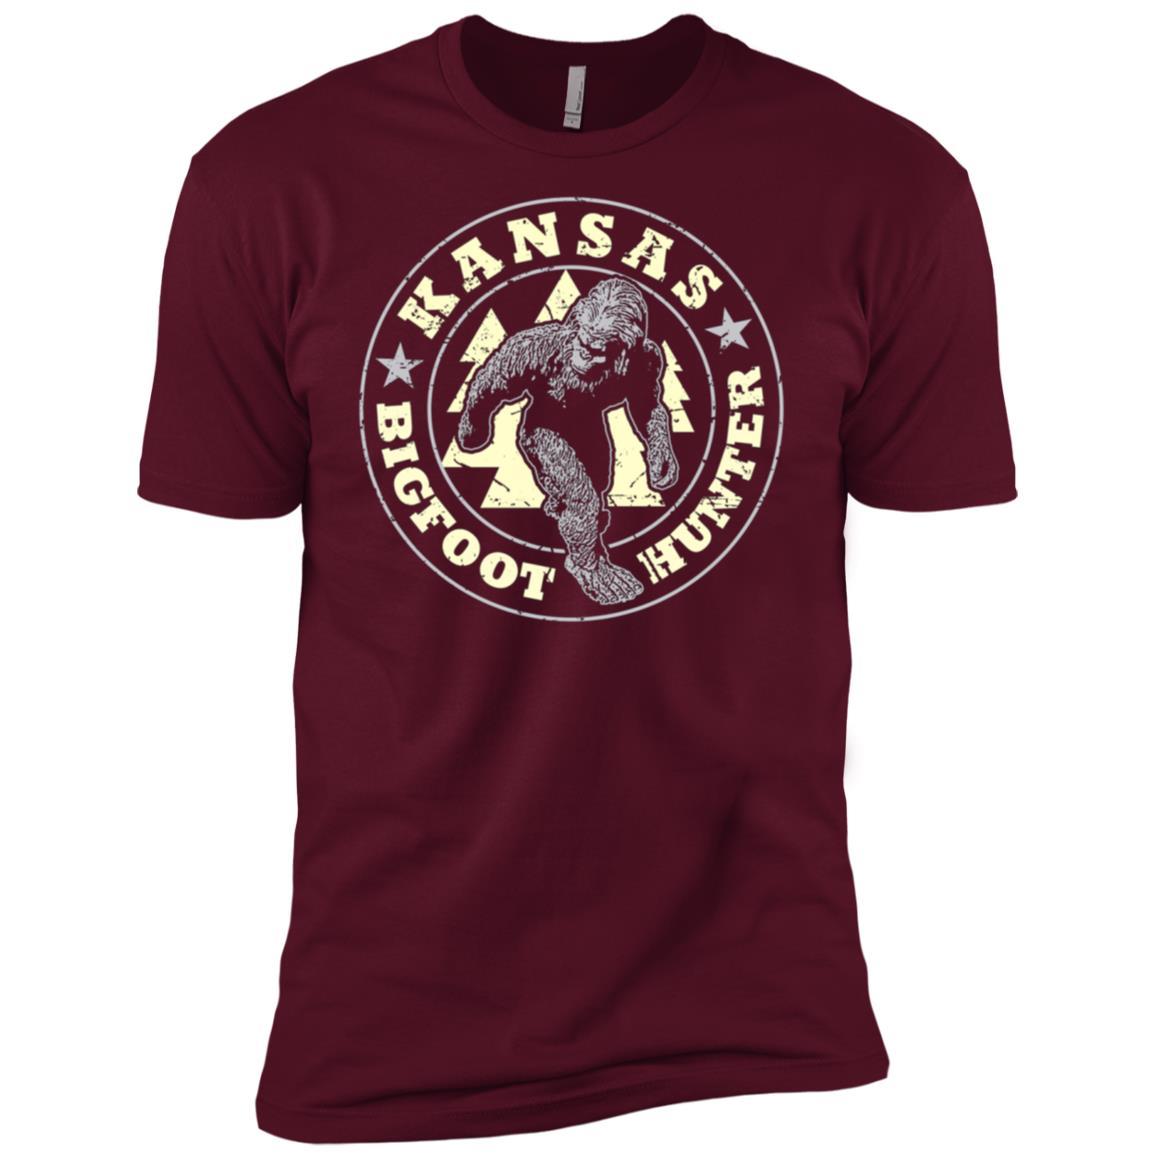 Kansas Bigfoot Hunter Believe Men Short Sleeve T-Shirt